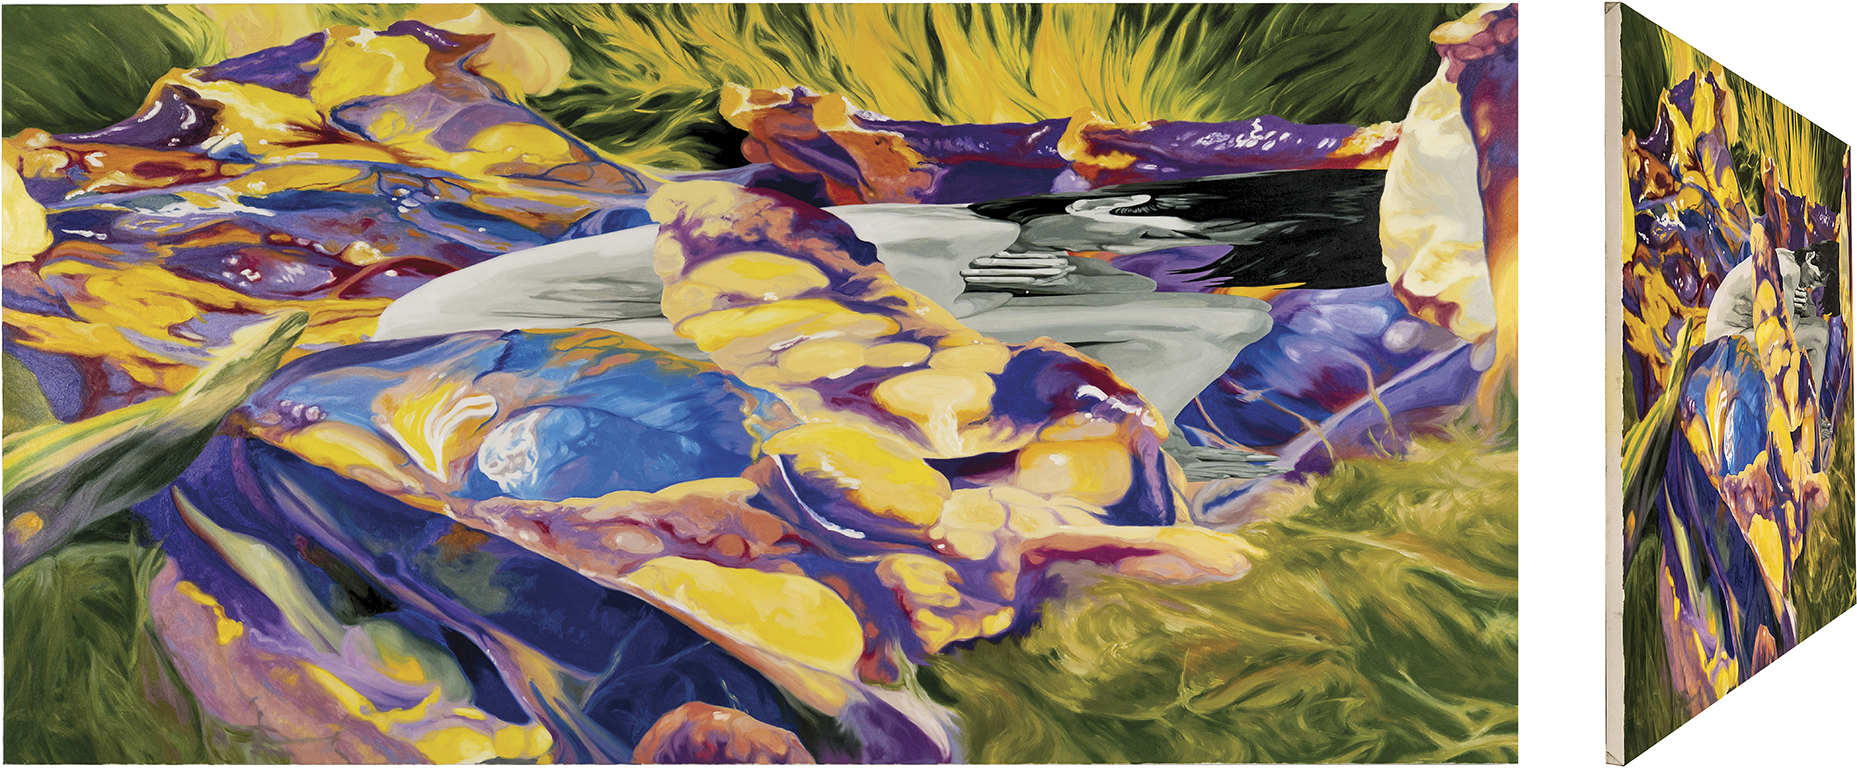 El entierro de Atala. Óleo sobre lienzo. 73 x 146 cm.